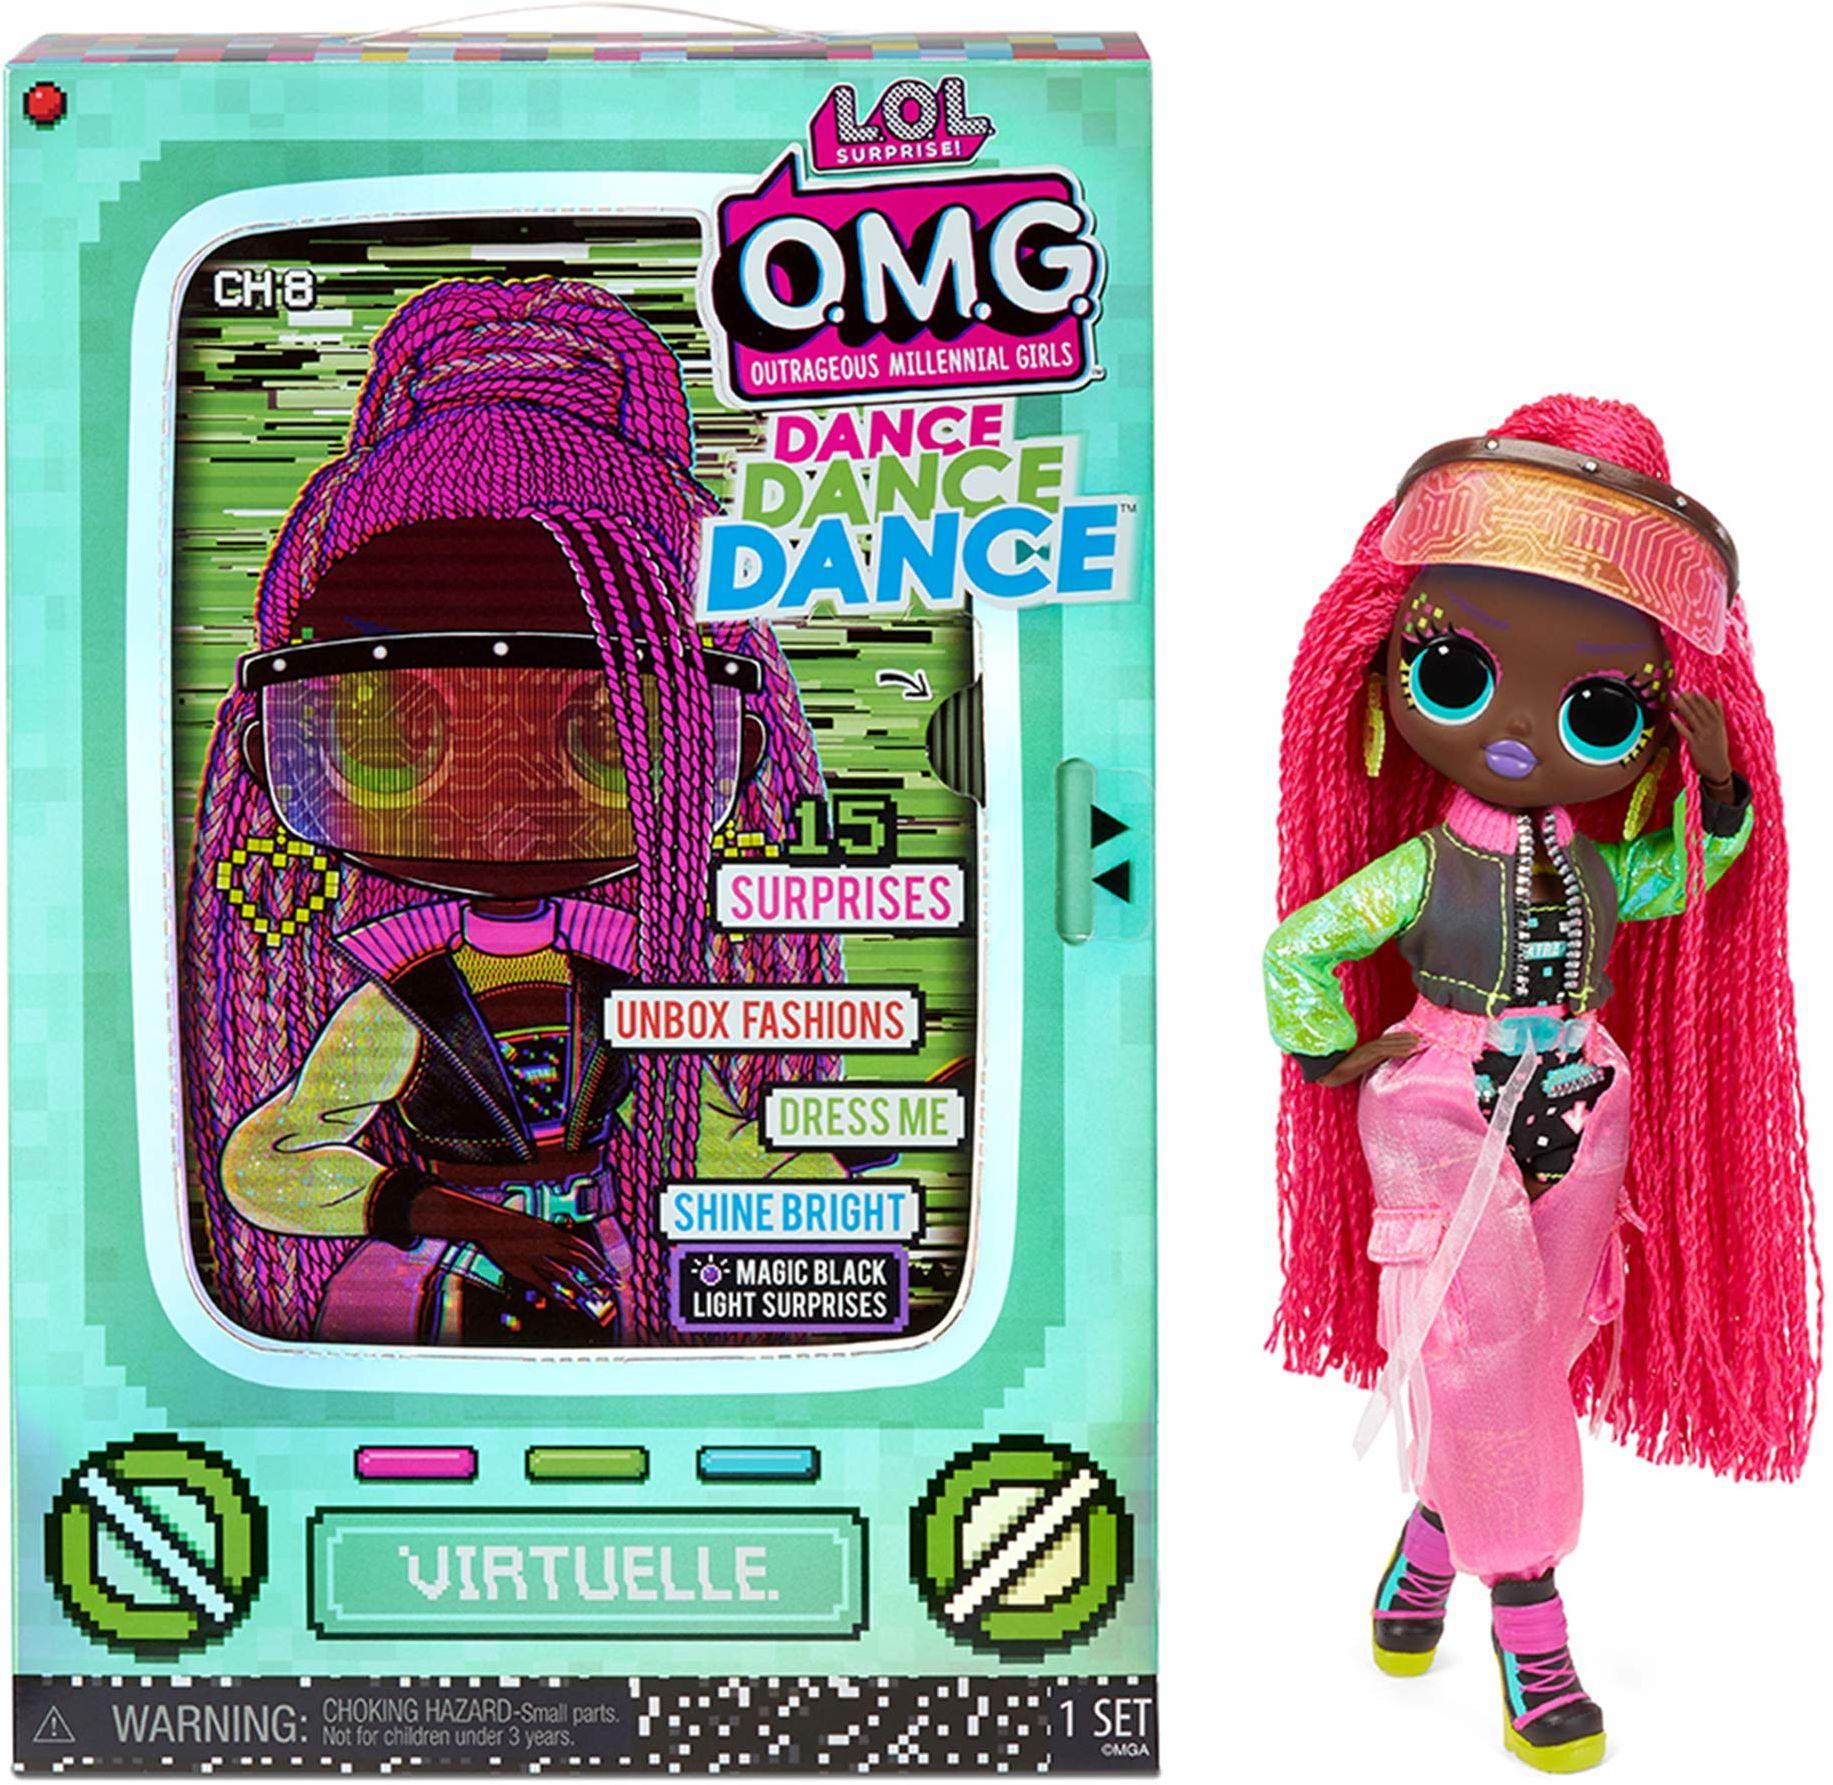 LOL Surprise OMG Dance Dance Dance Lalka Modowa Virtuelle z 15 Niespodziankami, Ubraniami, Światłem UV, Modnymi Akcesoriami, Butami, Stojakiem Na Lalkę i Opakowaniem TV. Dla Dzieci w wieku 4+